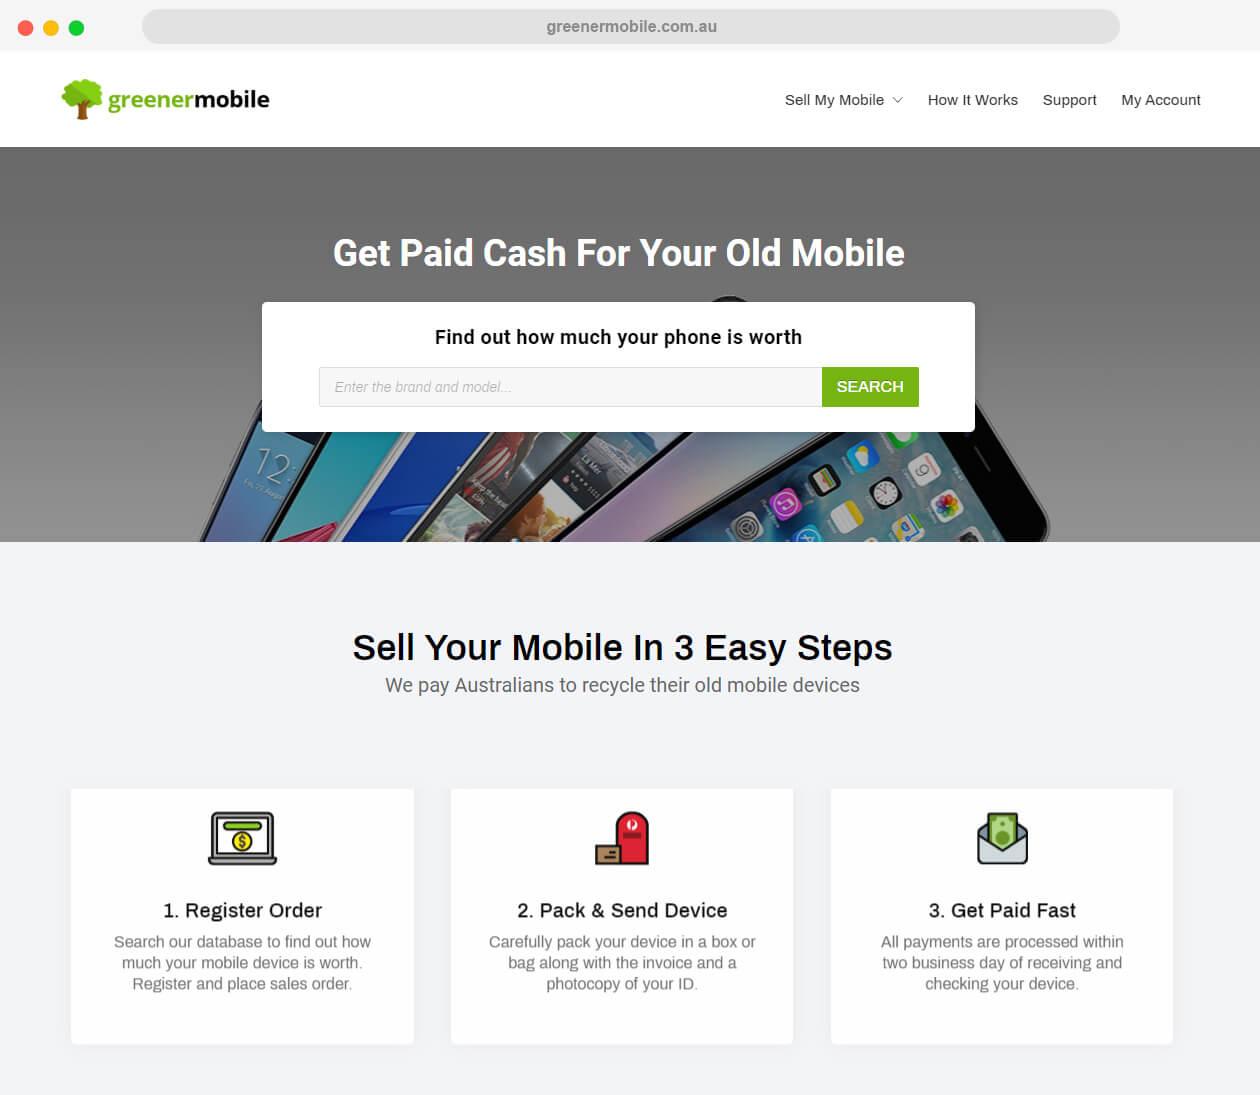 greenermobile.com .au website